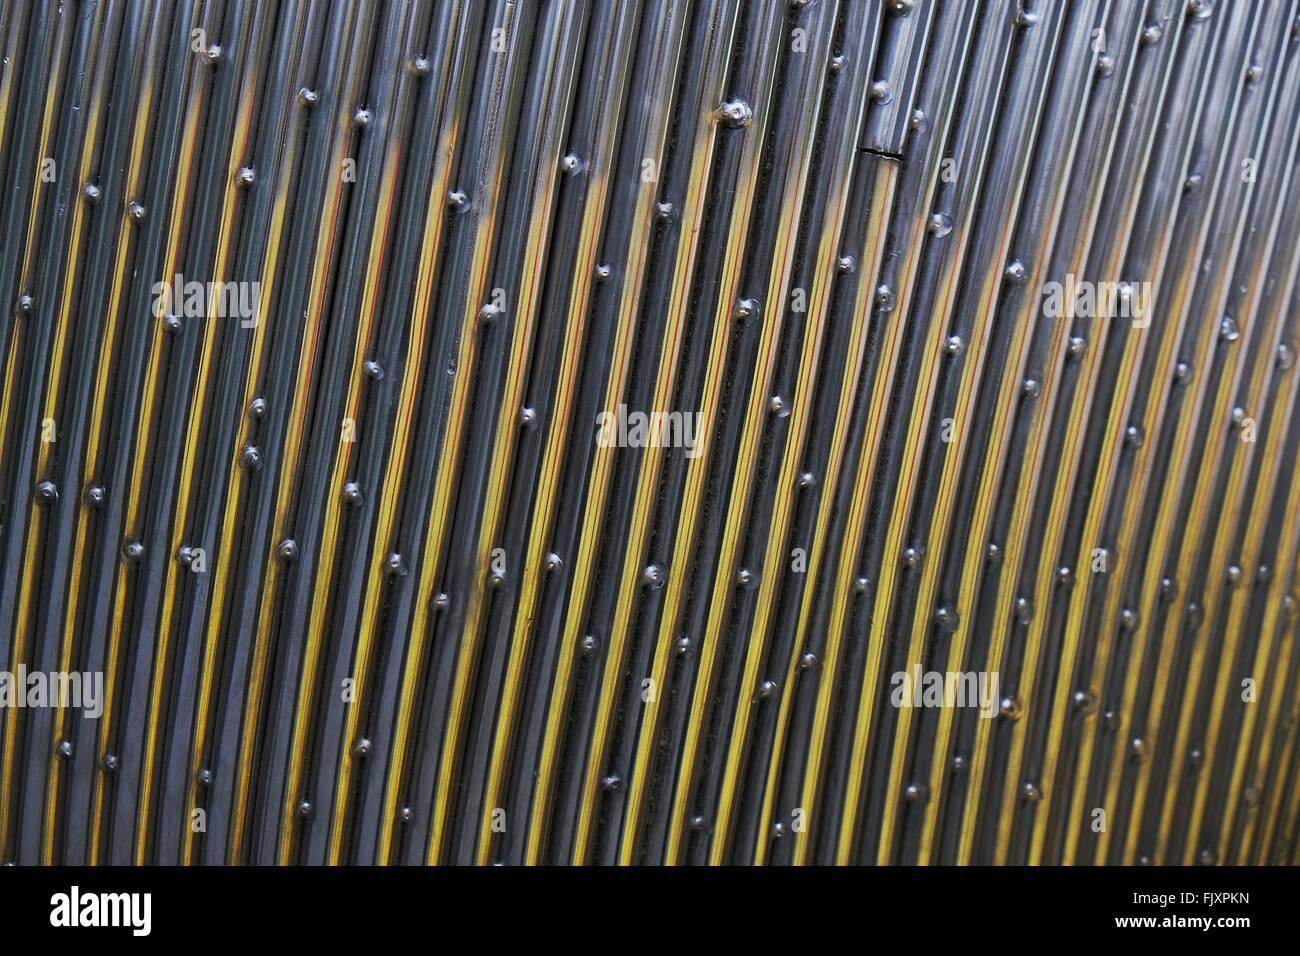 Full Frame Shot Of Metallic Sheet - Stock Image